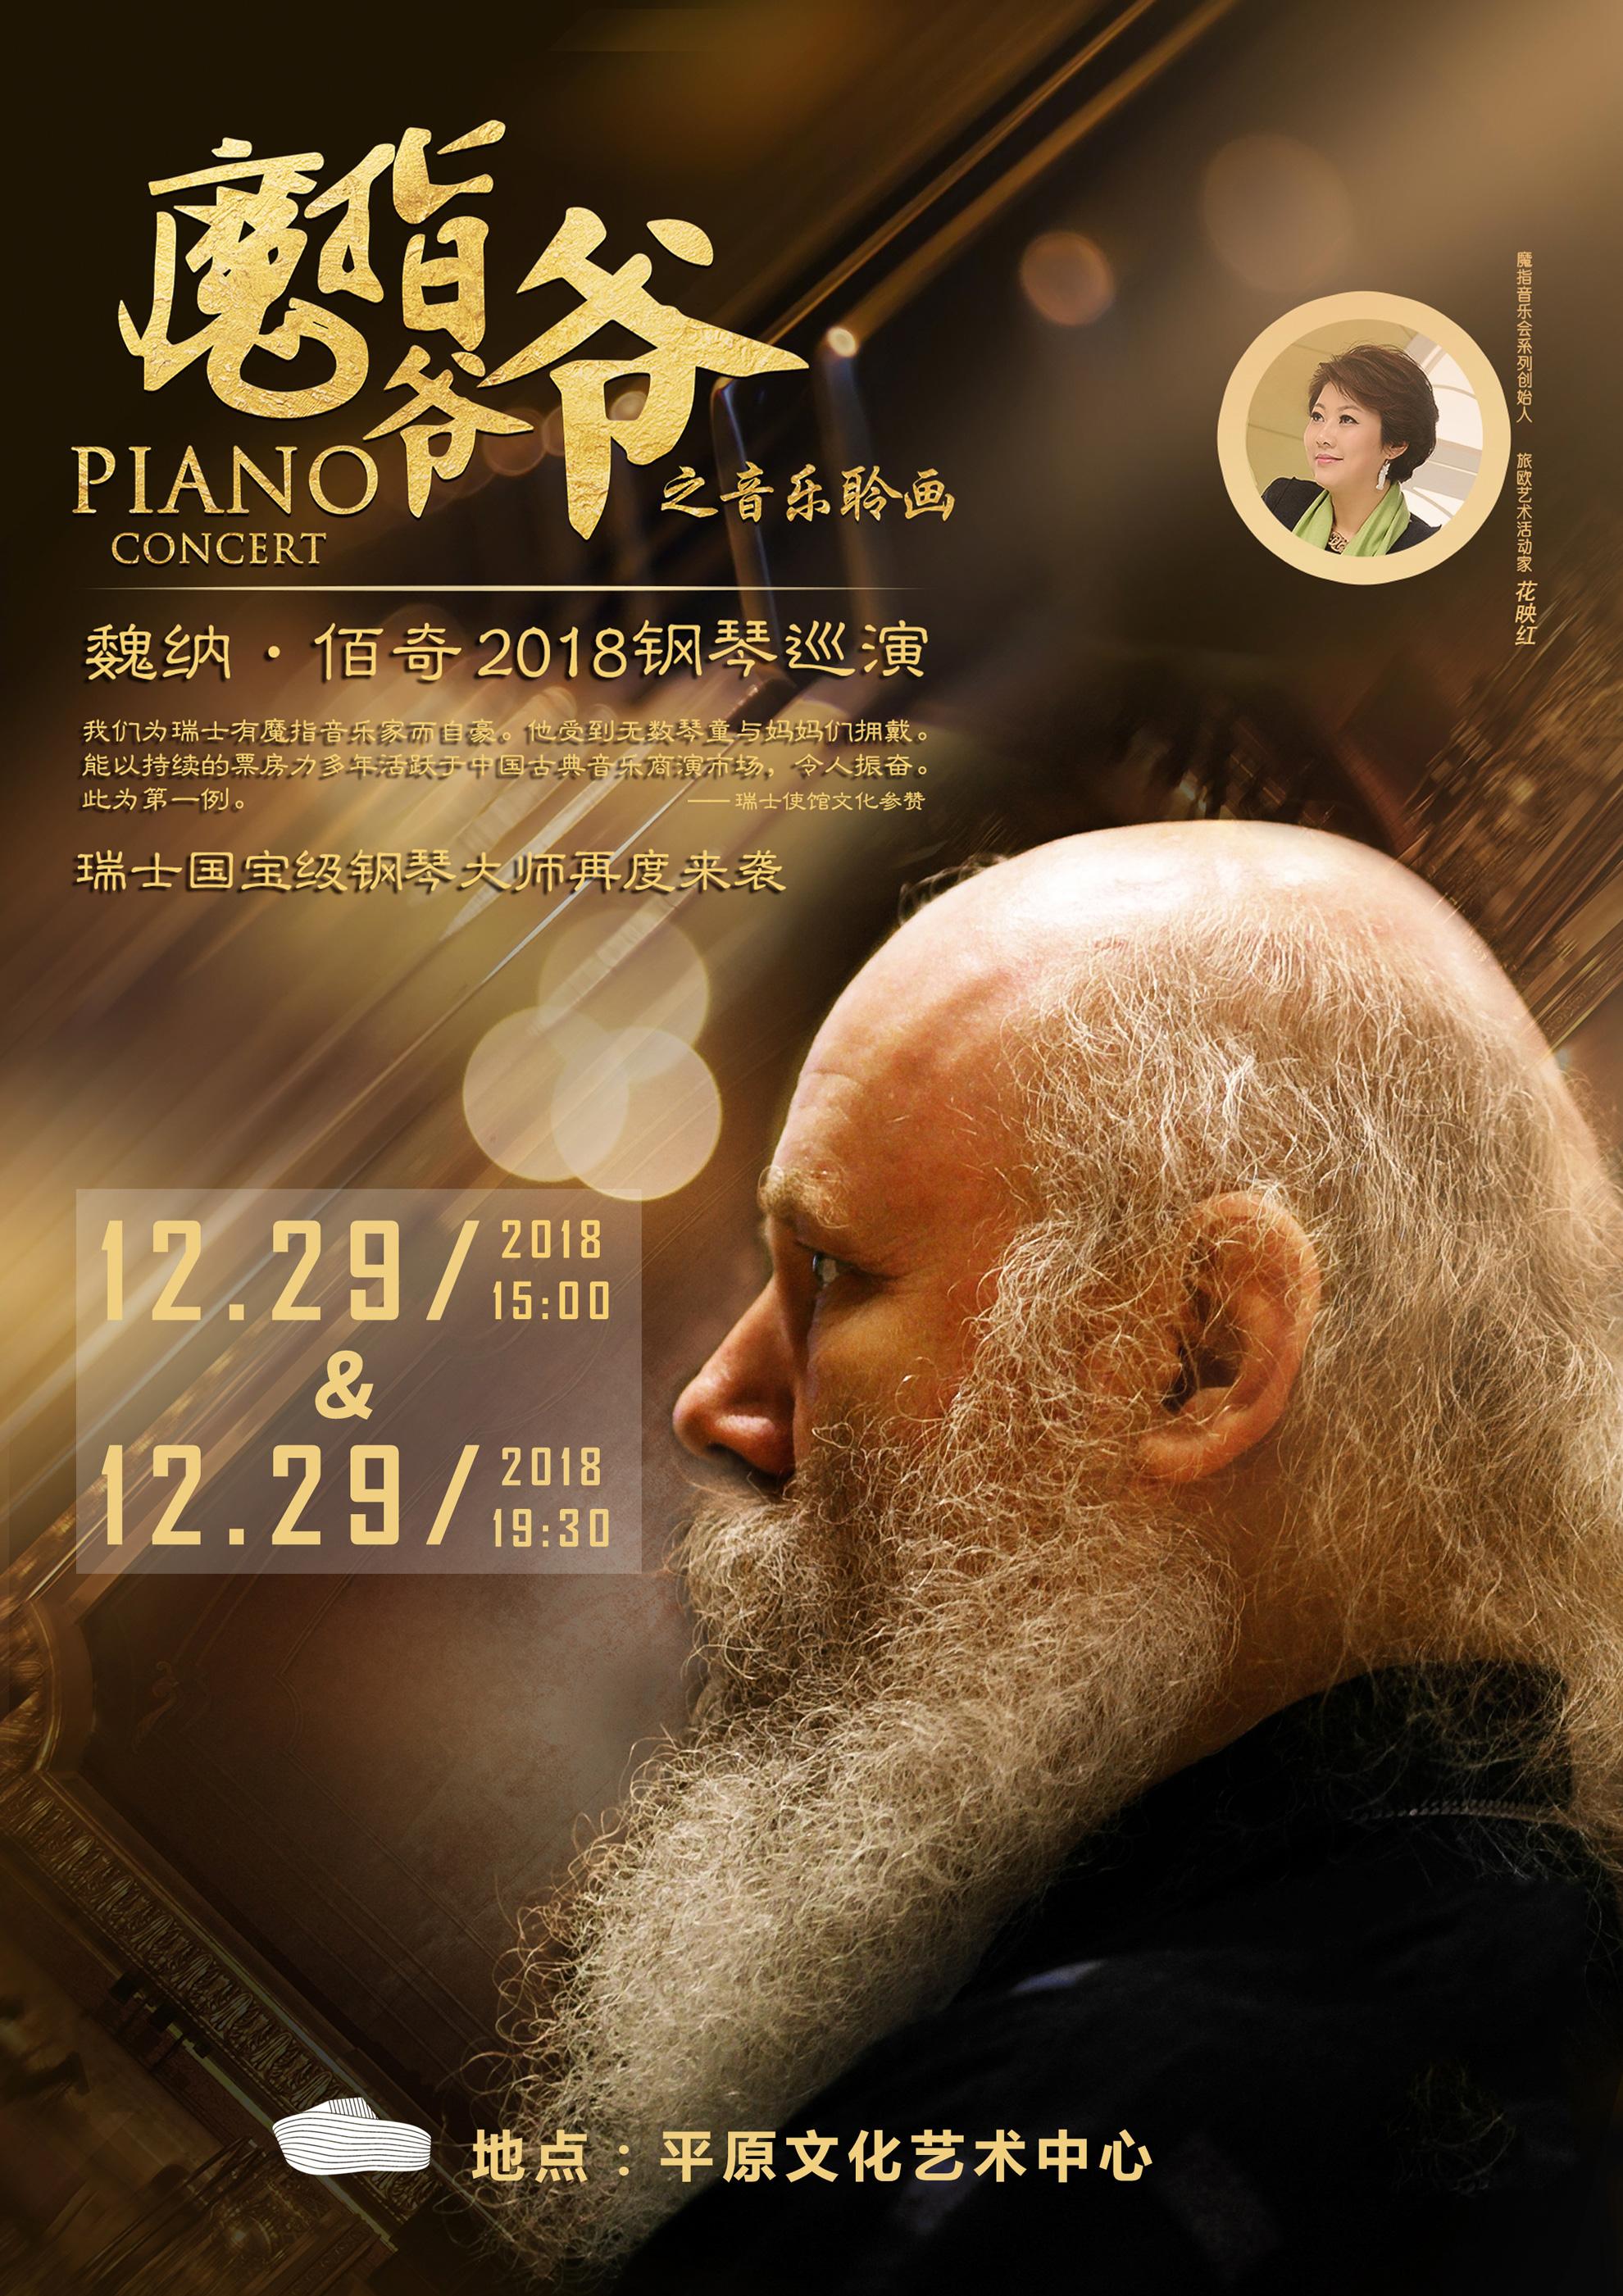 魏纳佰奇新乡钢琴巡演